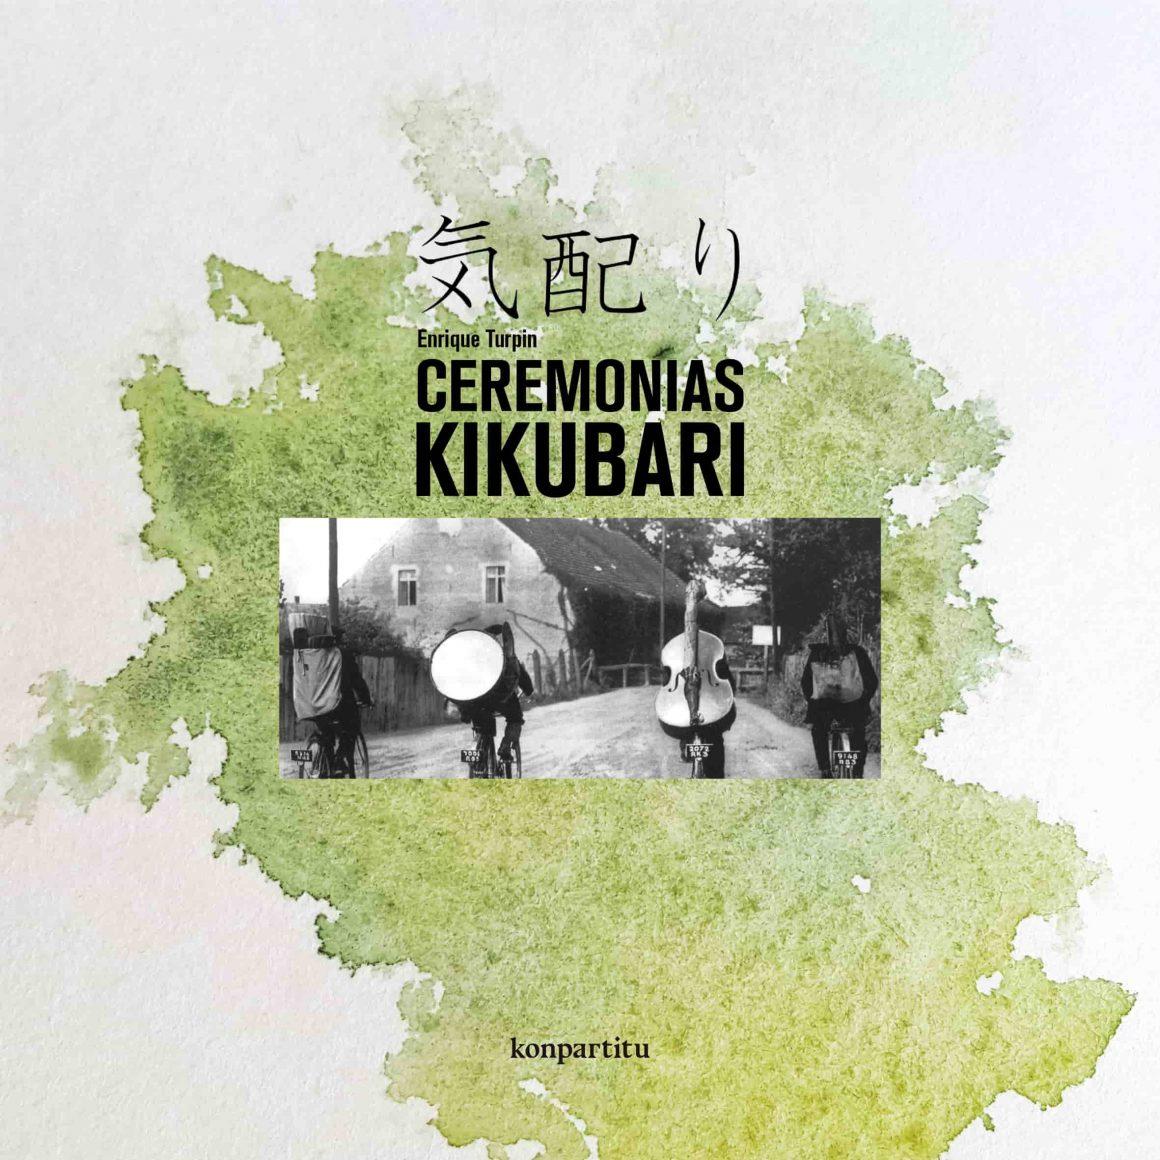 Ceremonias Kikubari